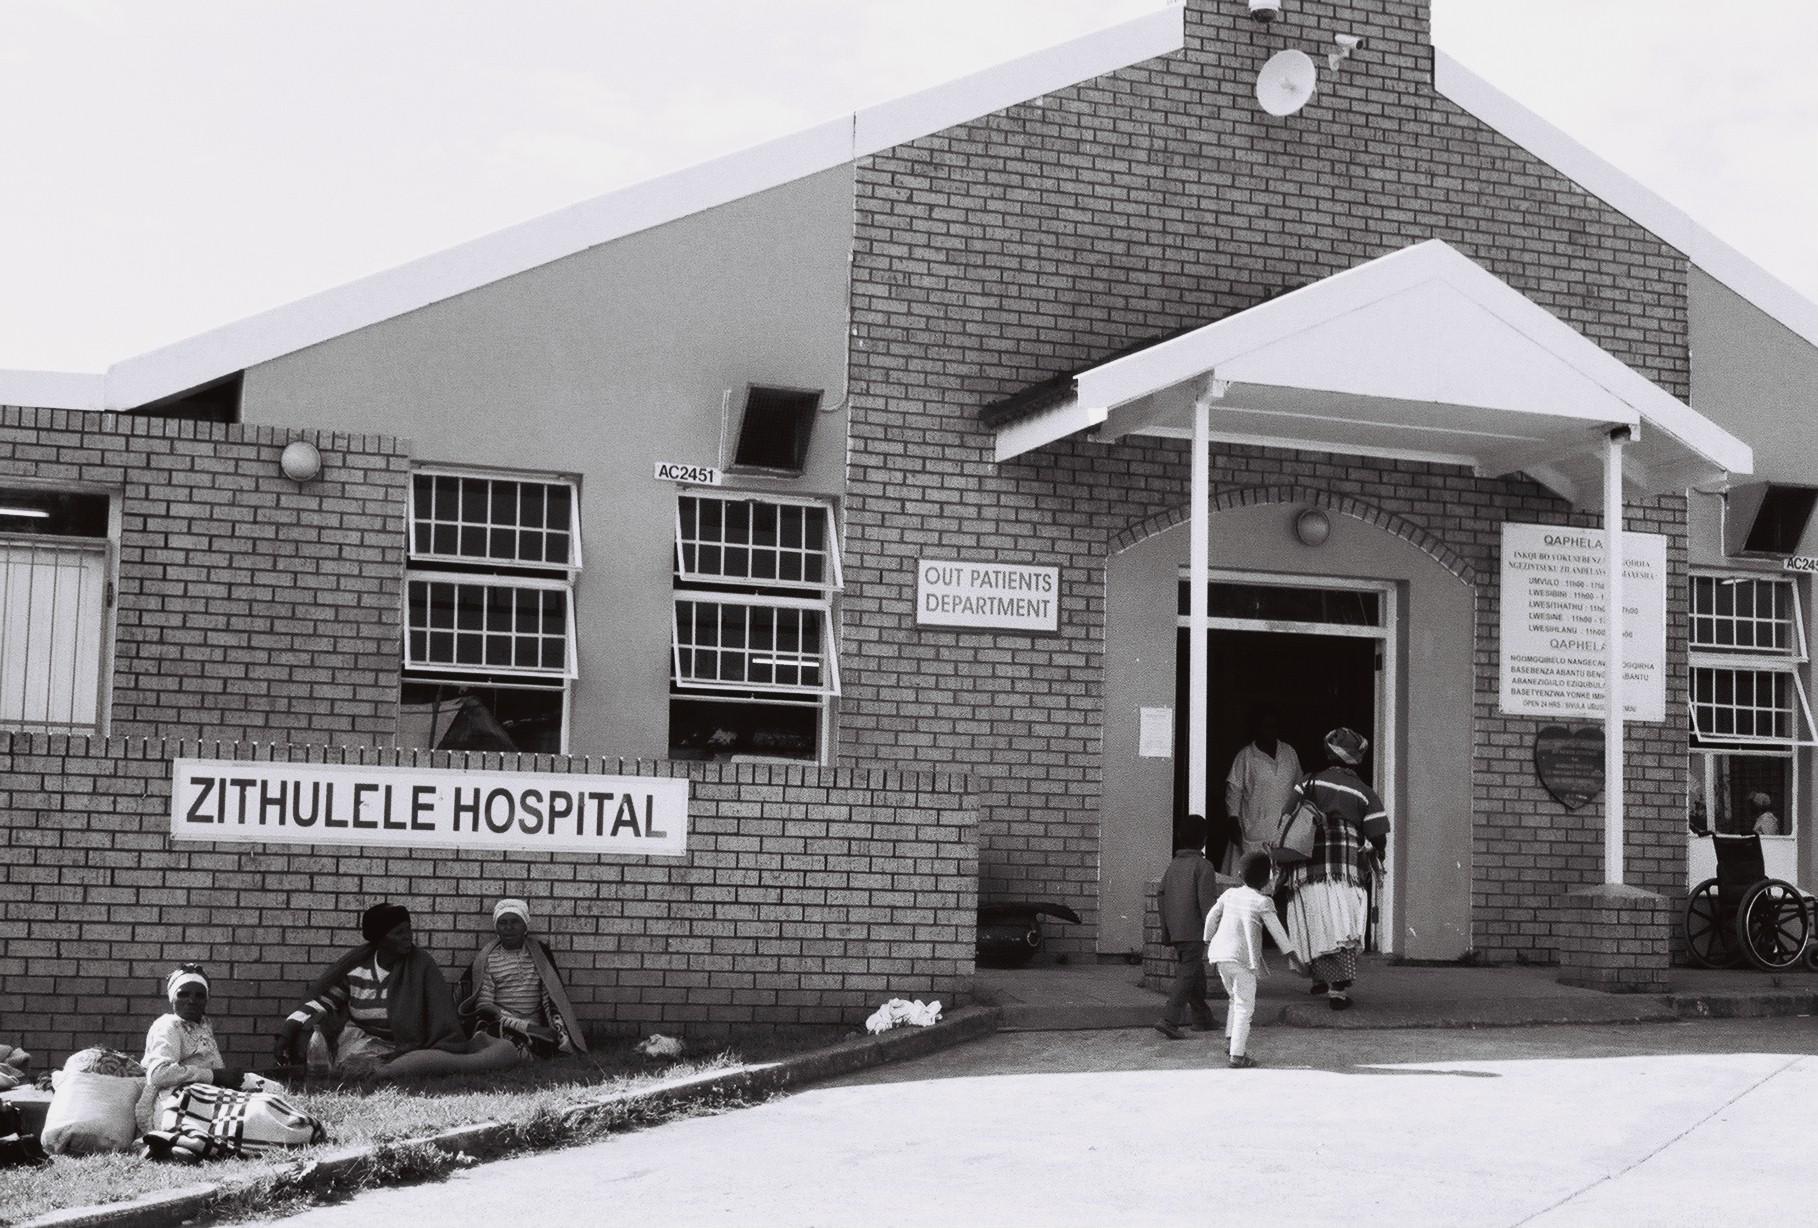 Zithulele Hospital (South Africa)